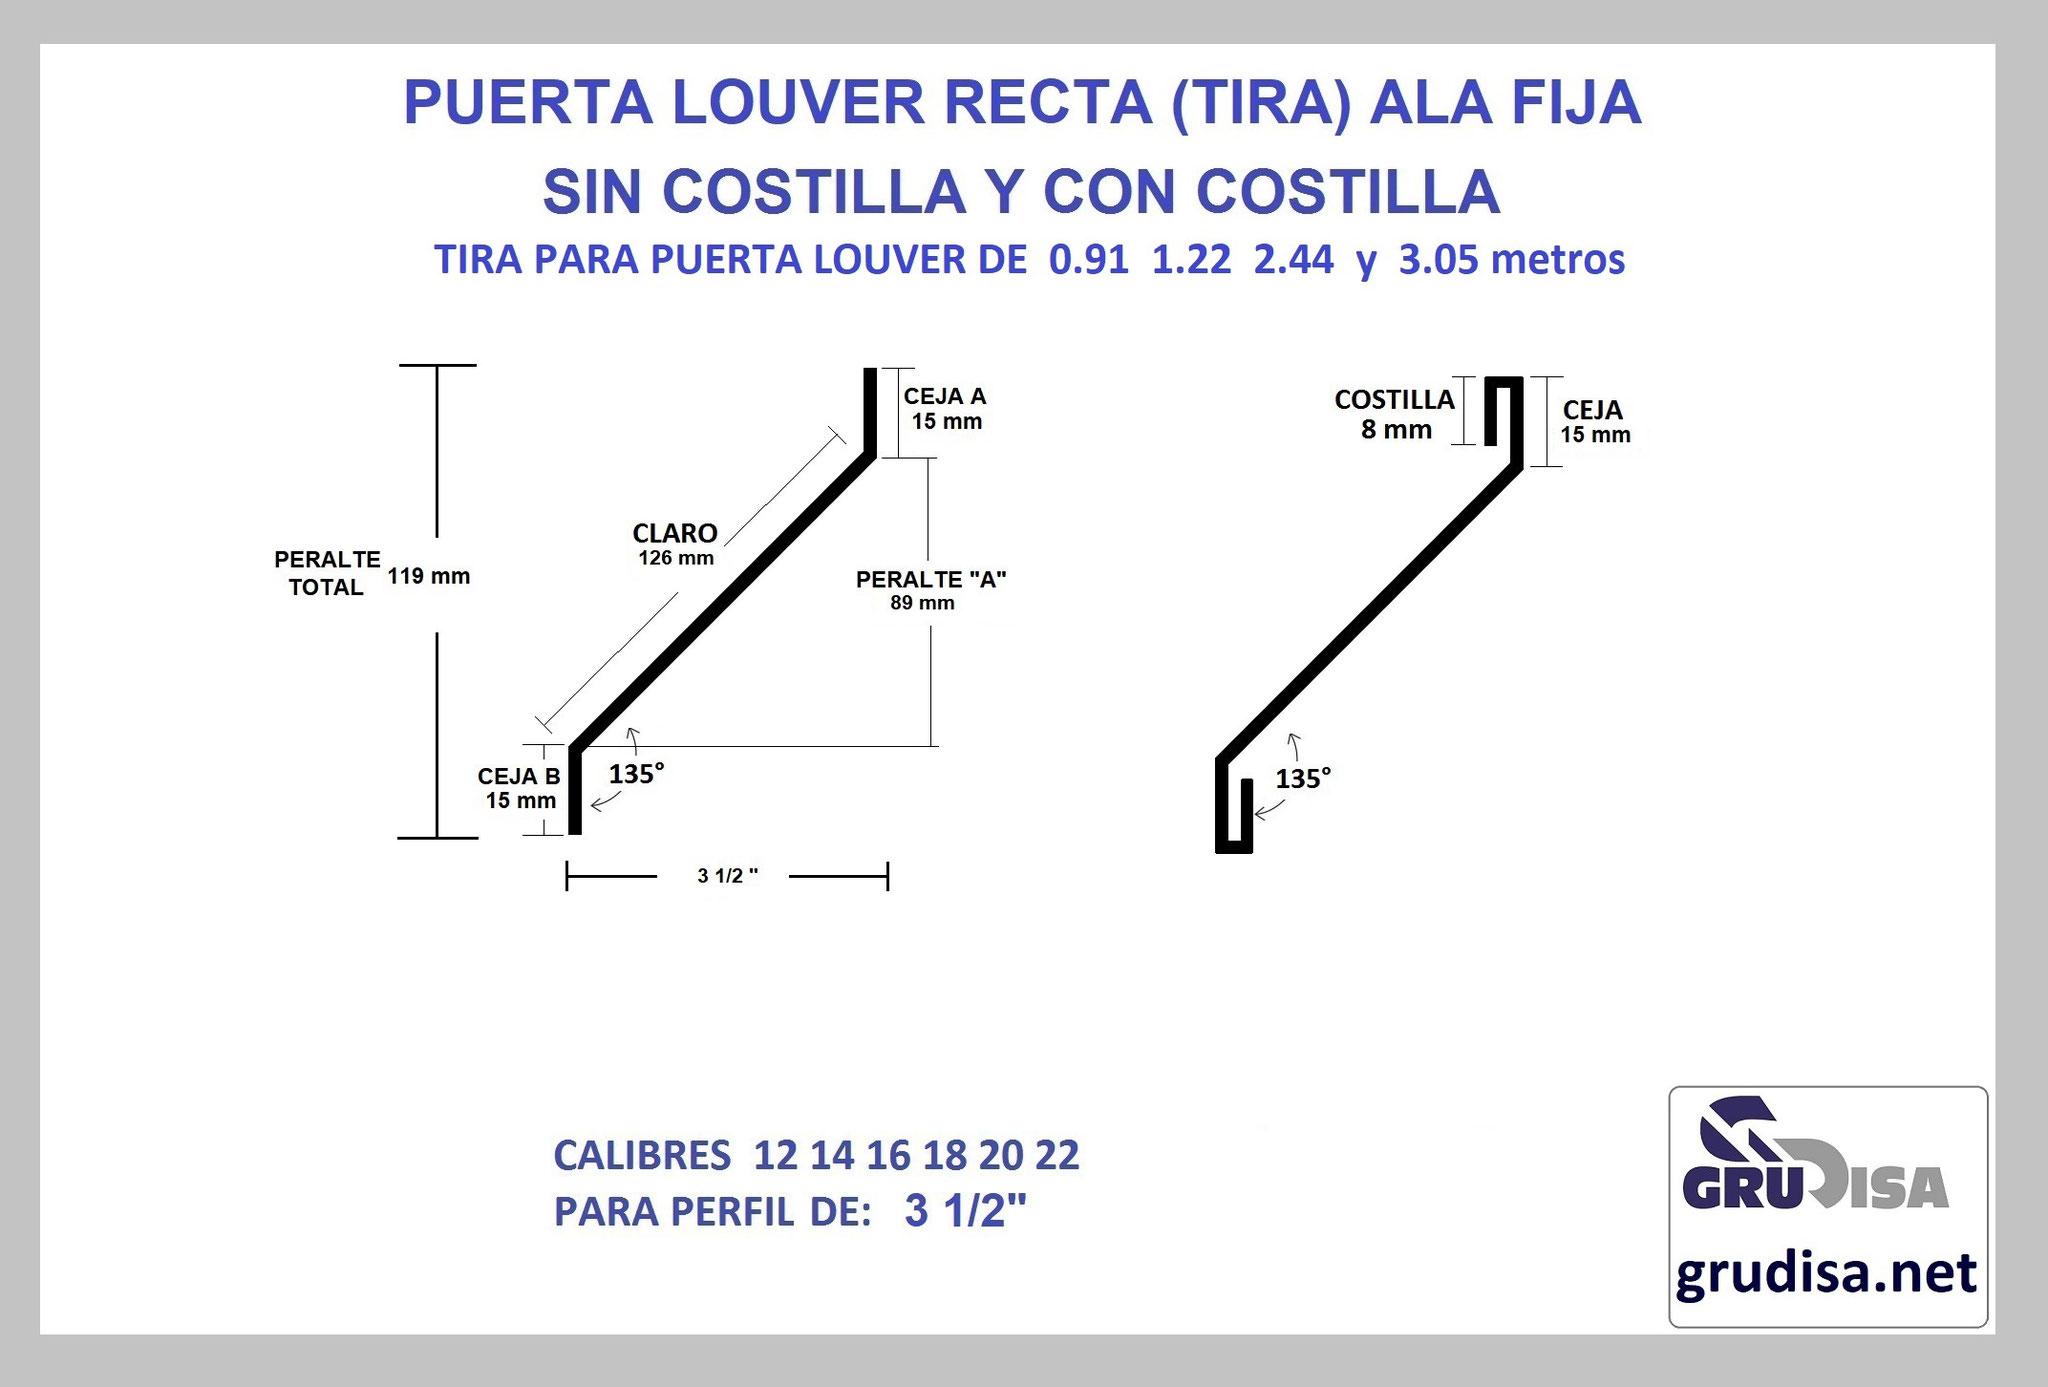 """PUERTA LOUVER (TIRA) MODELO RECTA PARA ARMAR EN PERFIL DE 3 1/2"""""""